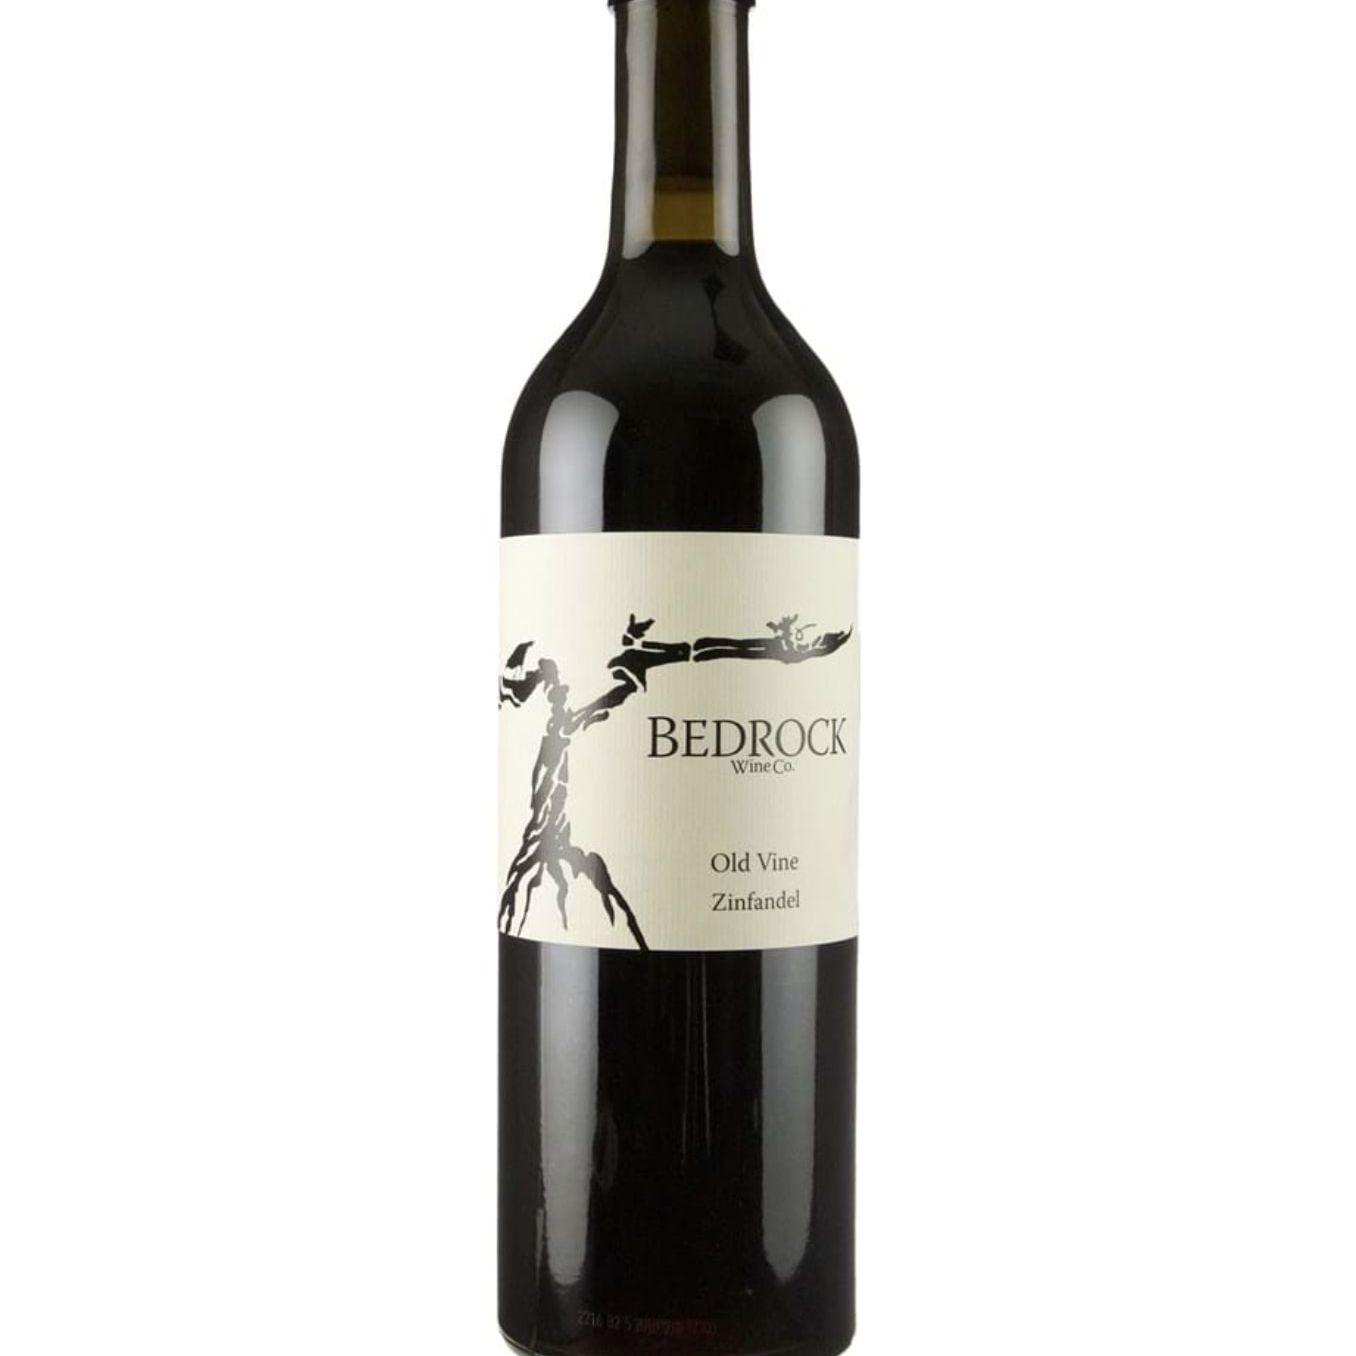 Bedrock Old Vine